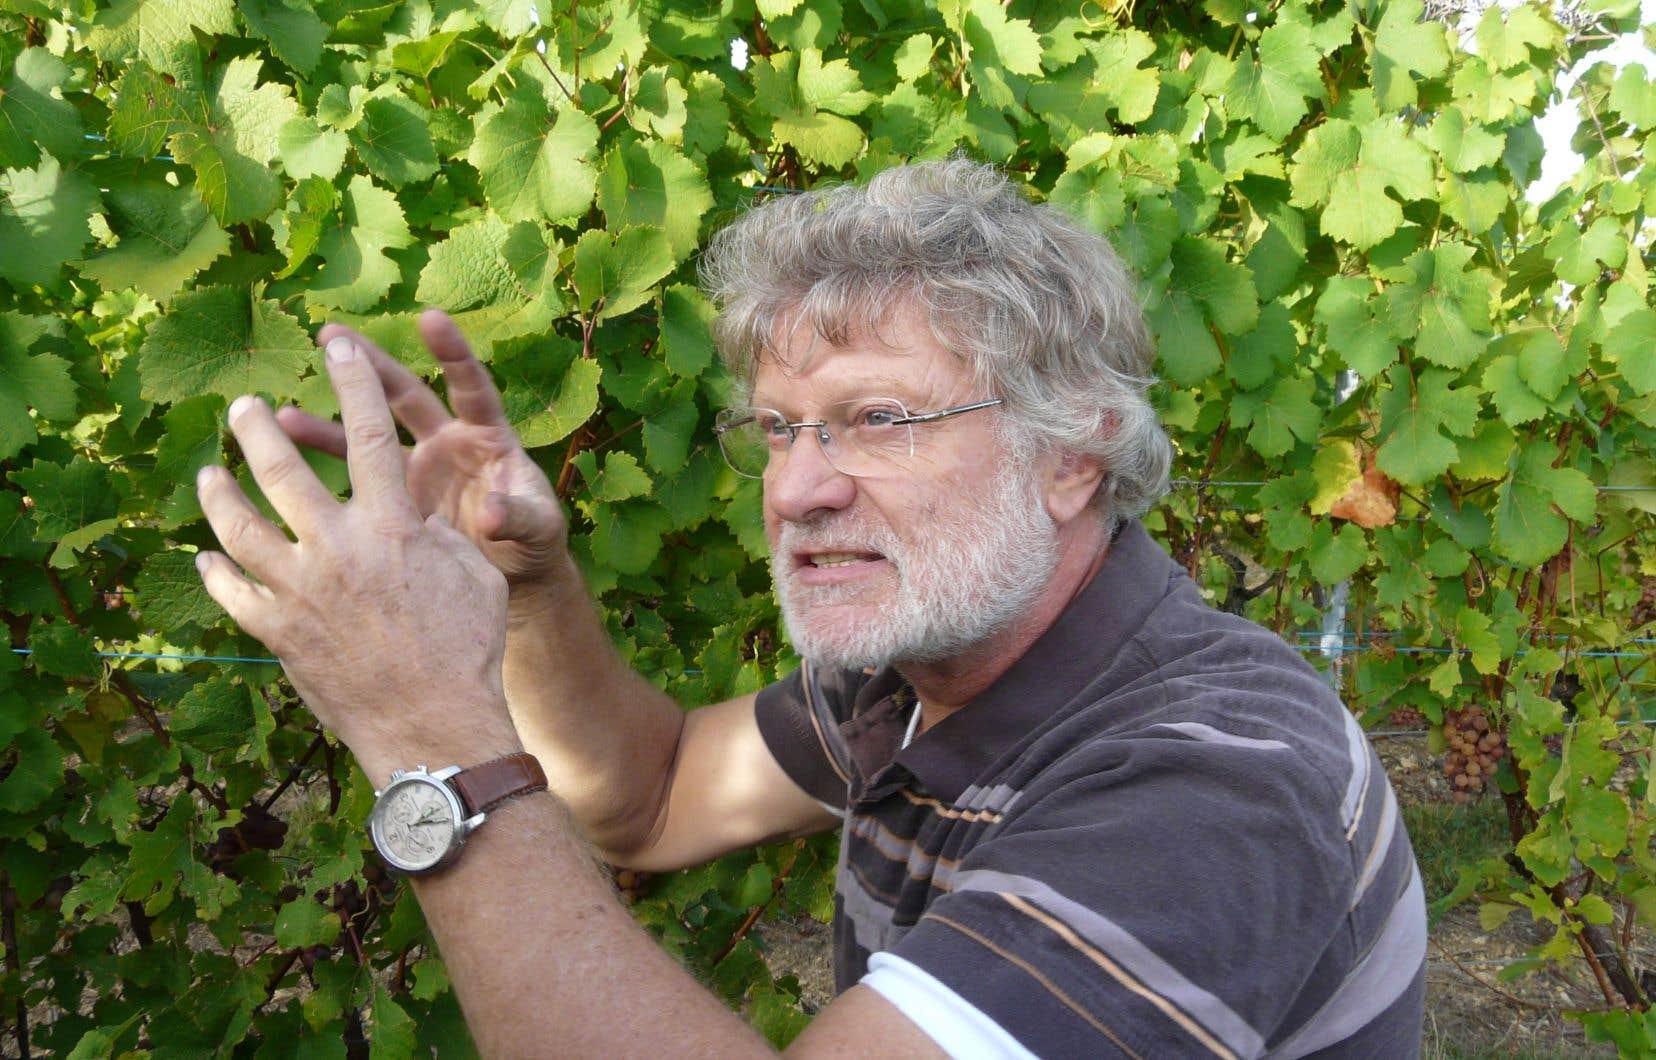 Le vigneron alsacien Jean-Michel Deiss affirme que la production est à la fois compliquée et exaltante cette année.